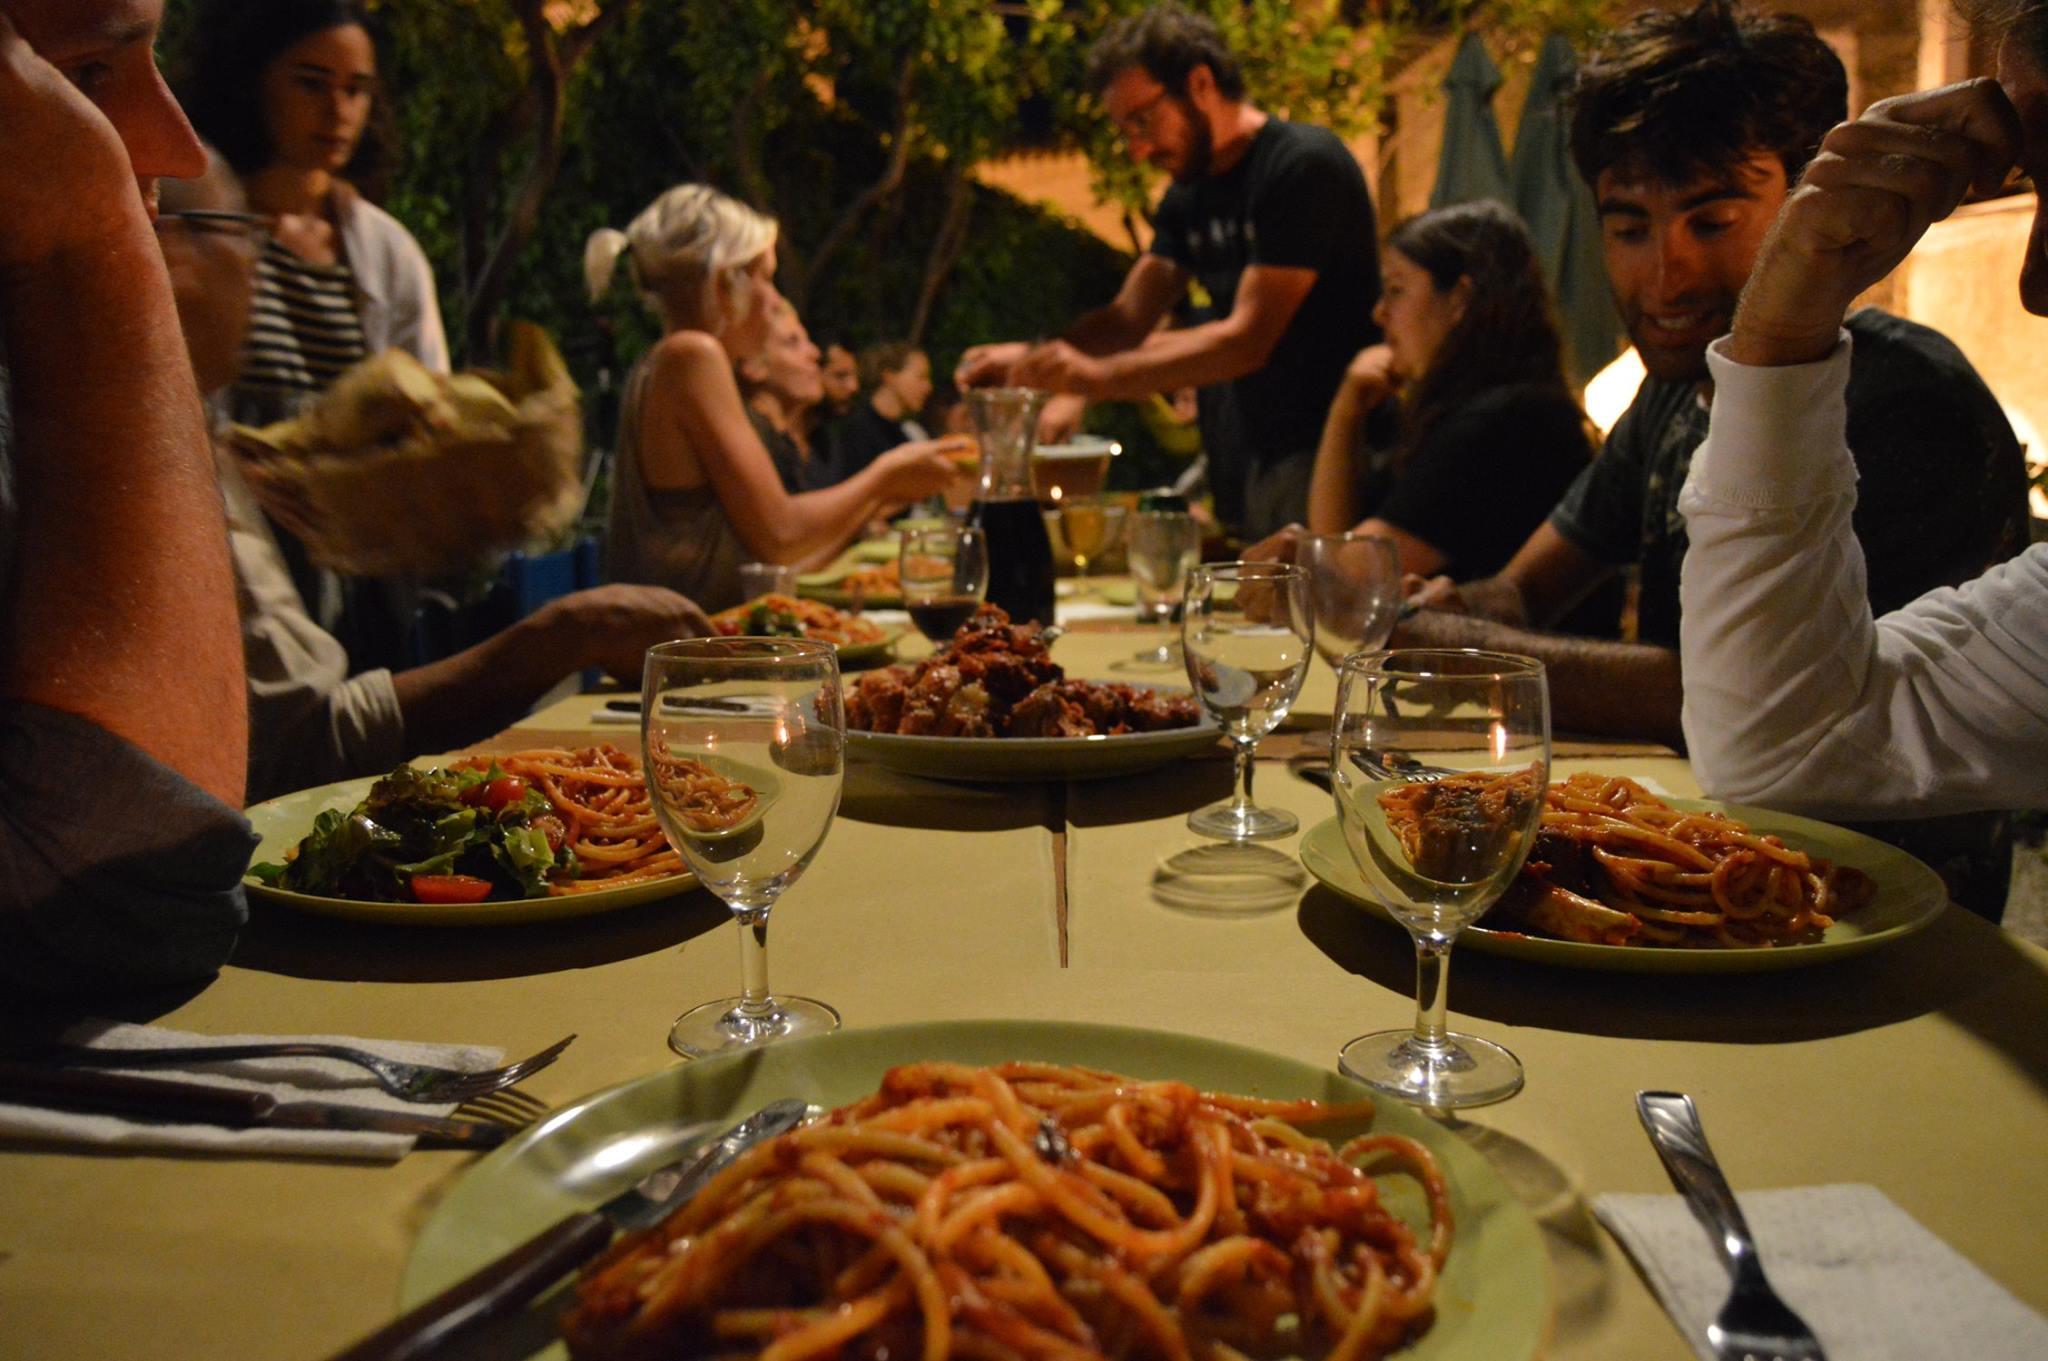 Cena in centro a Belmonte con musica locale